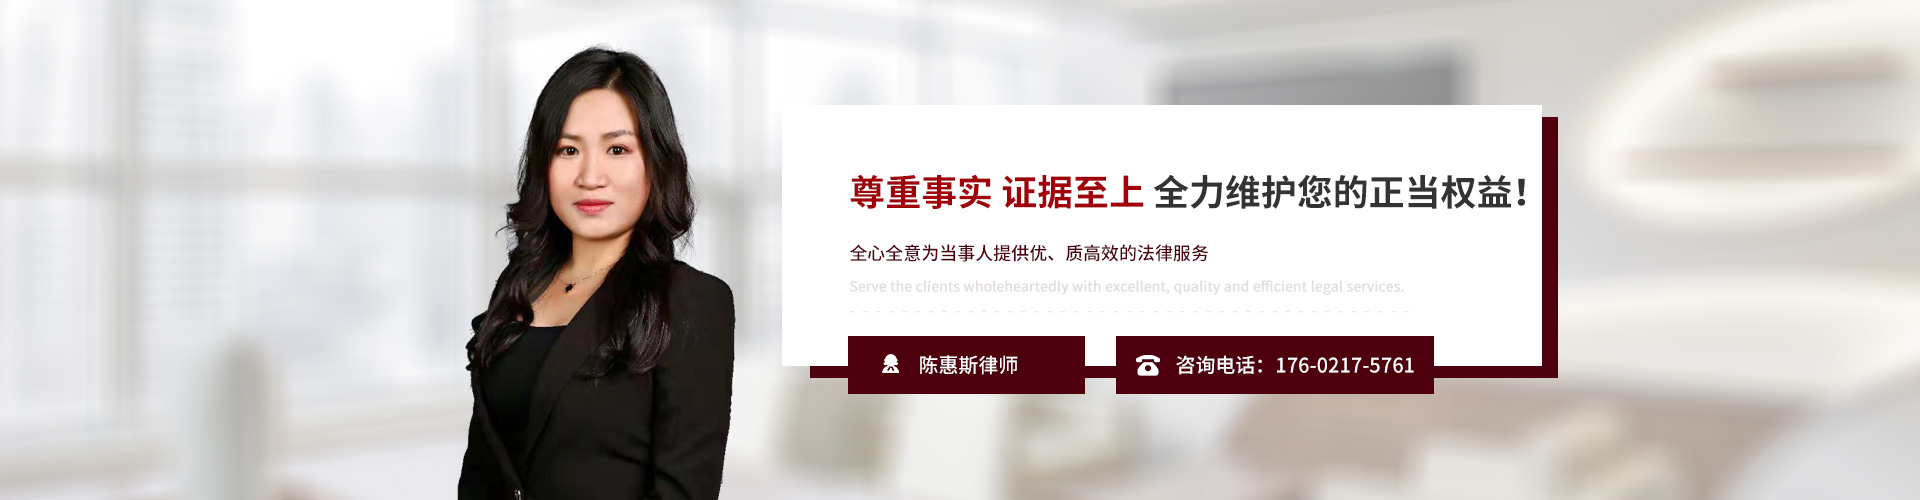 上海陈惠斯律师